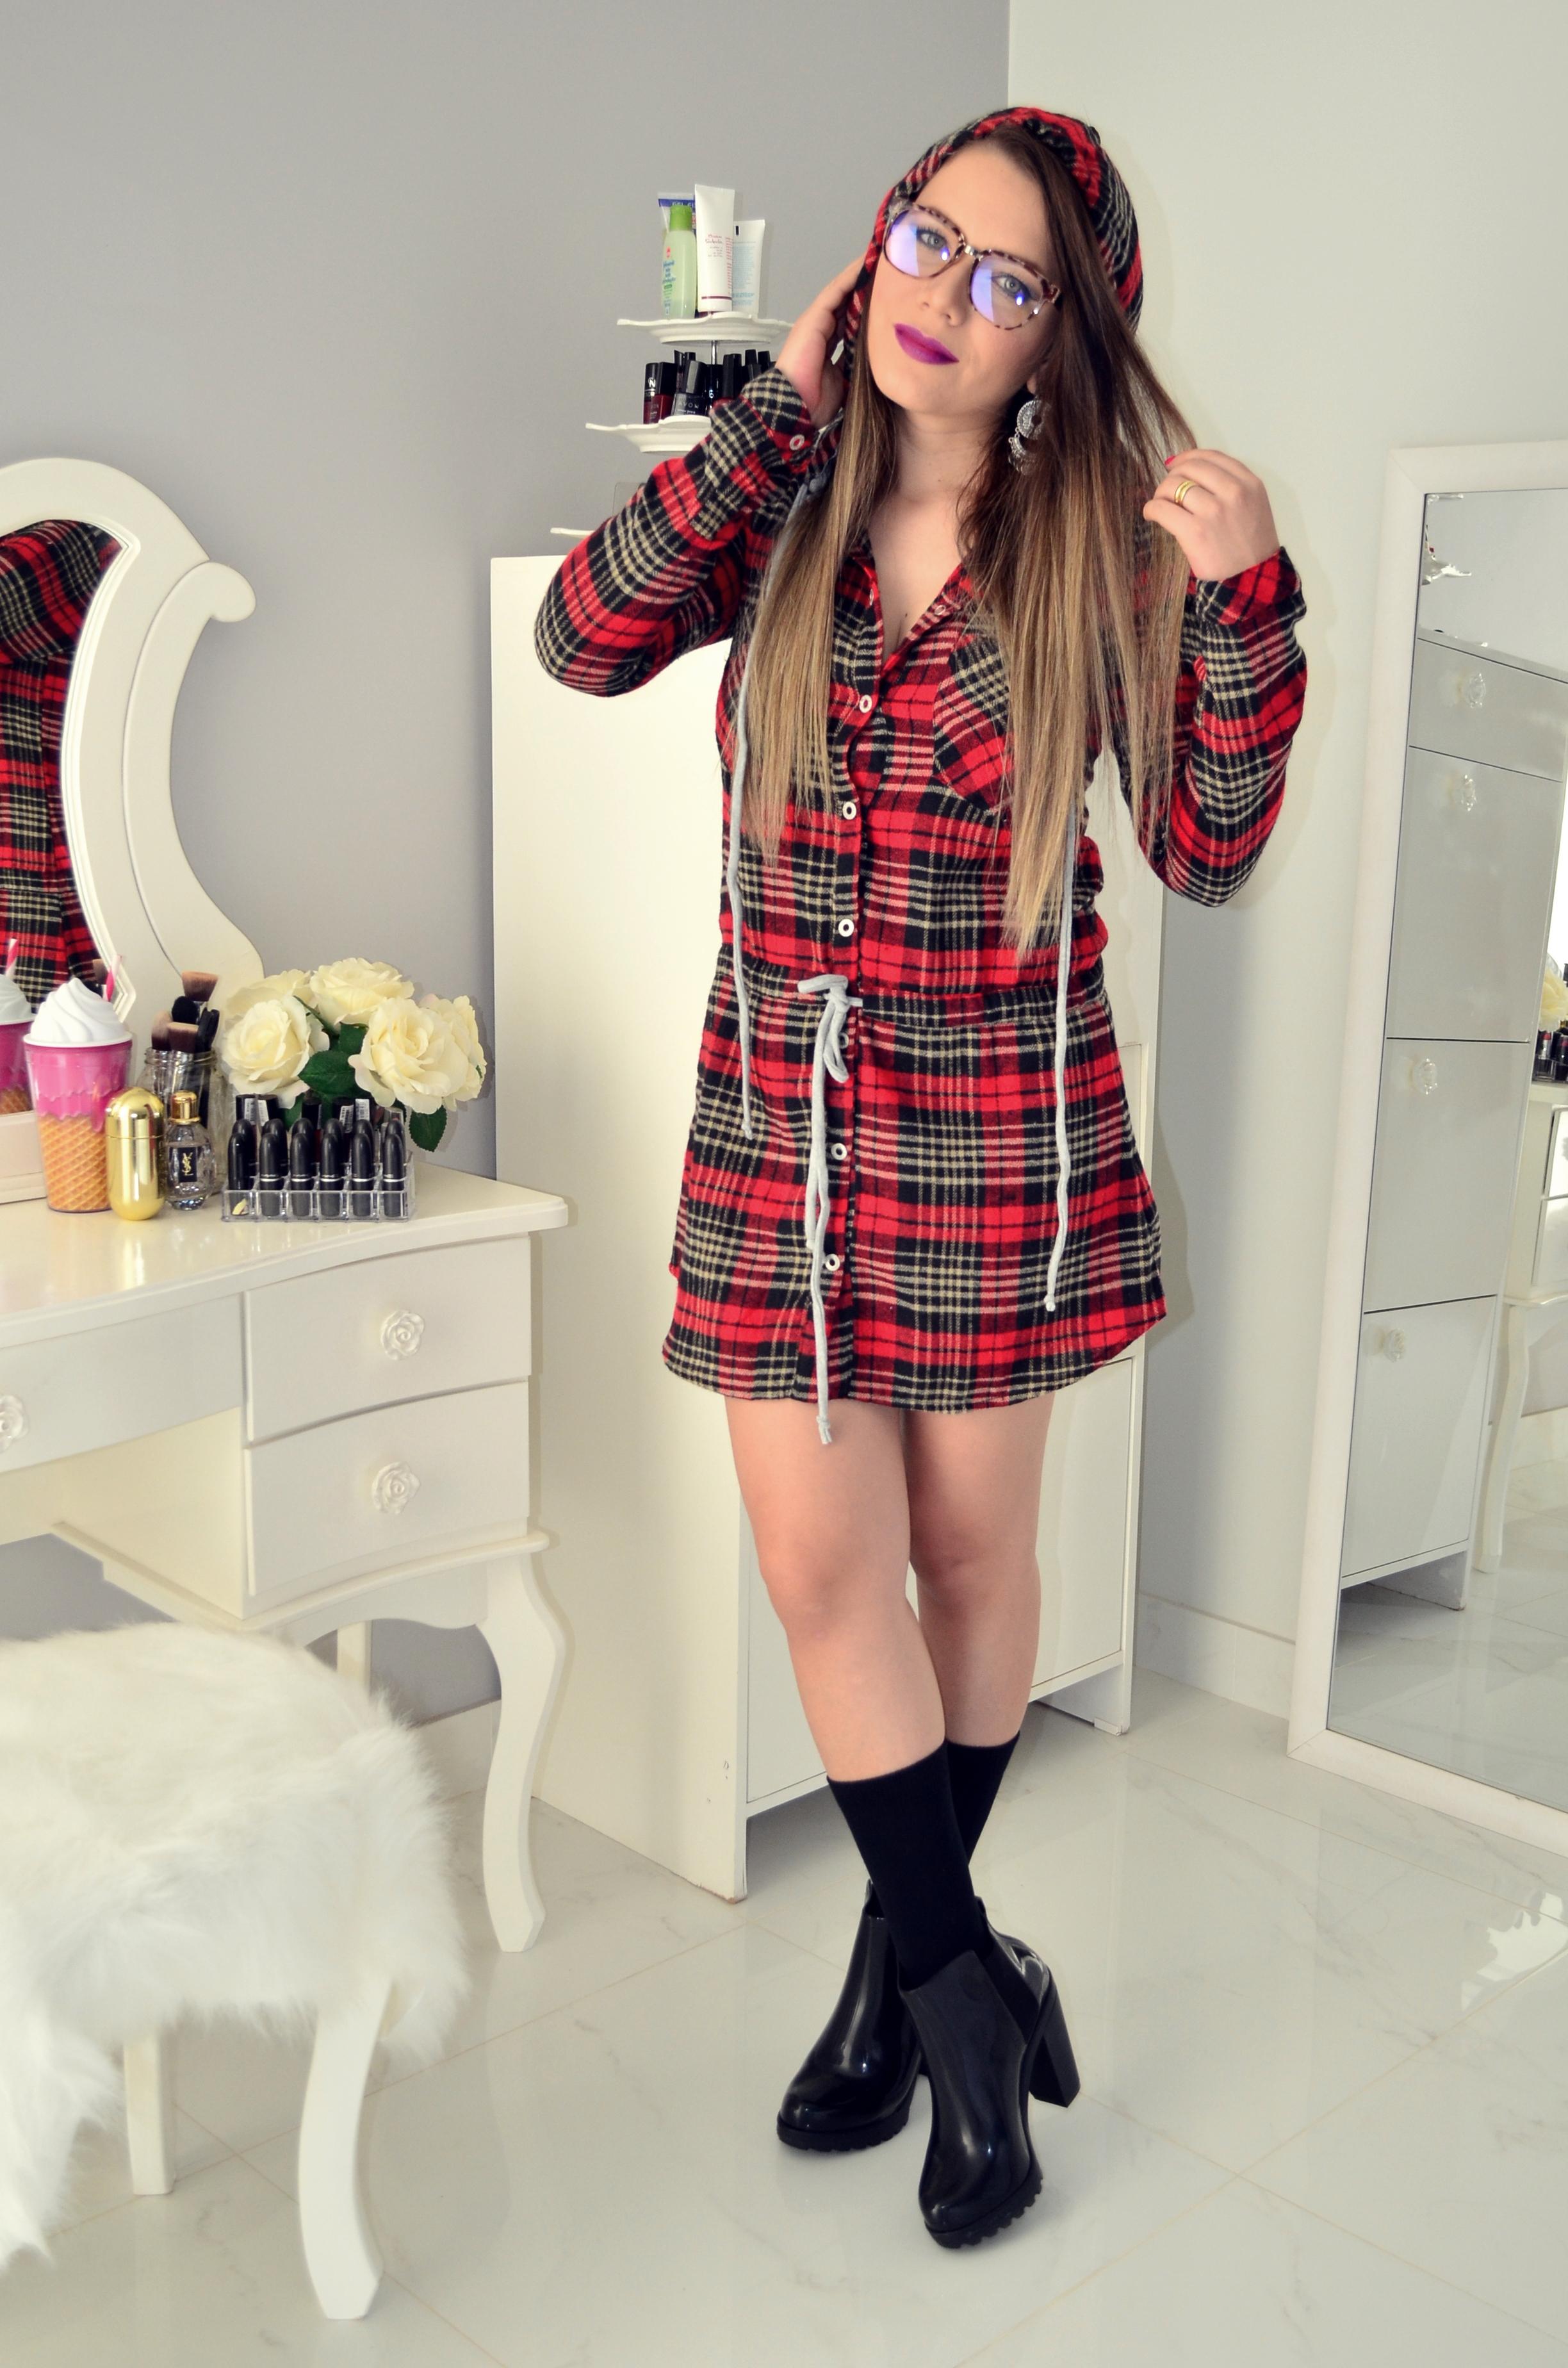 vestido xadrez e bota melissa 6